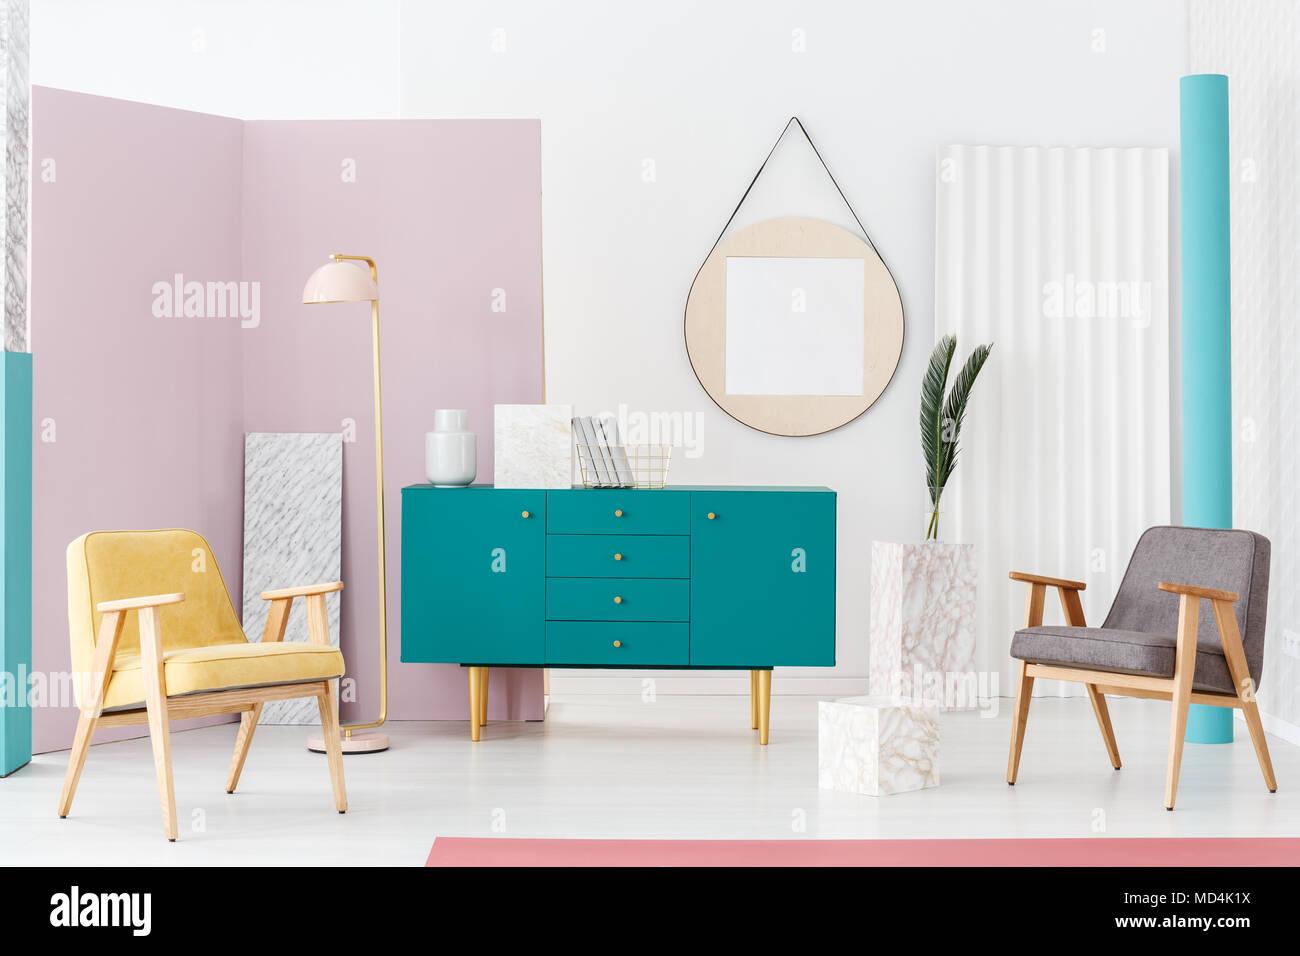 Stilvolle Möbel Kampagne Idee für ein modernes Wohnzimmer ...